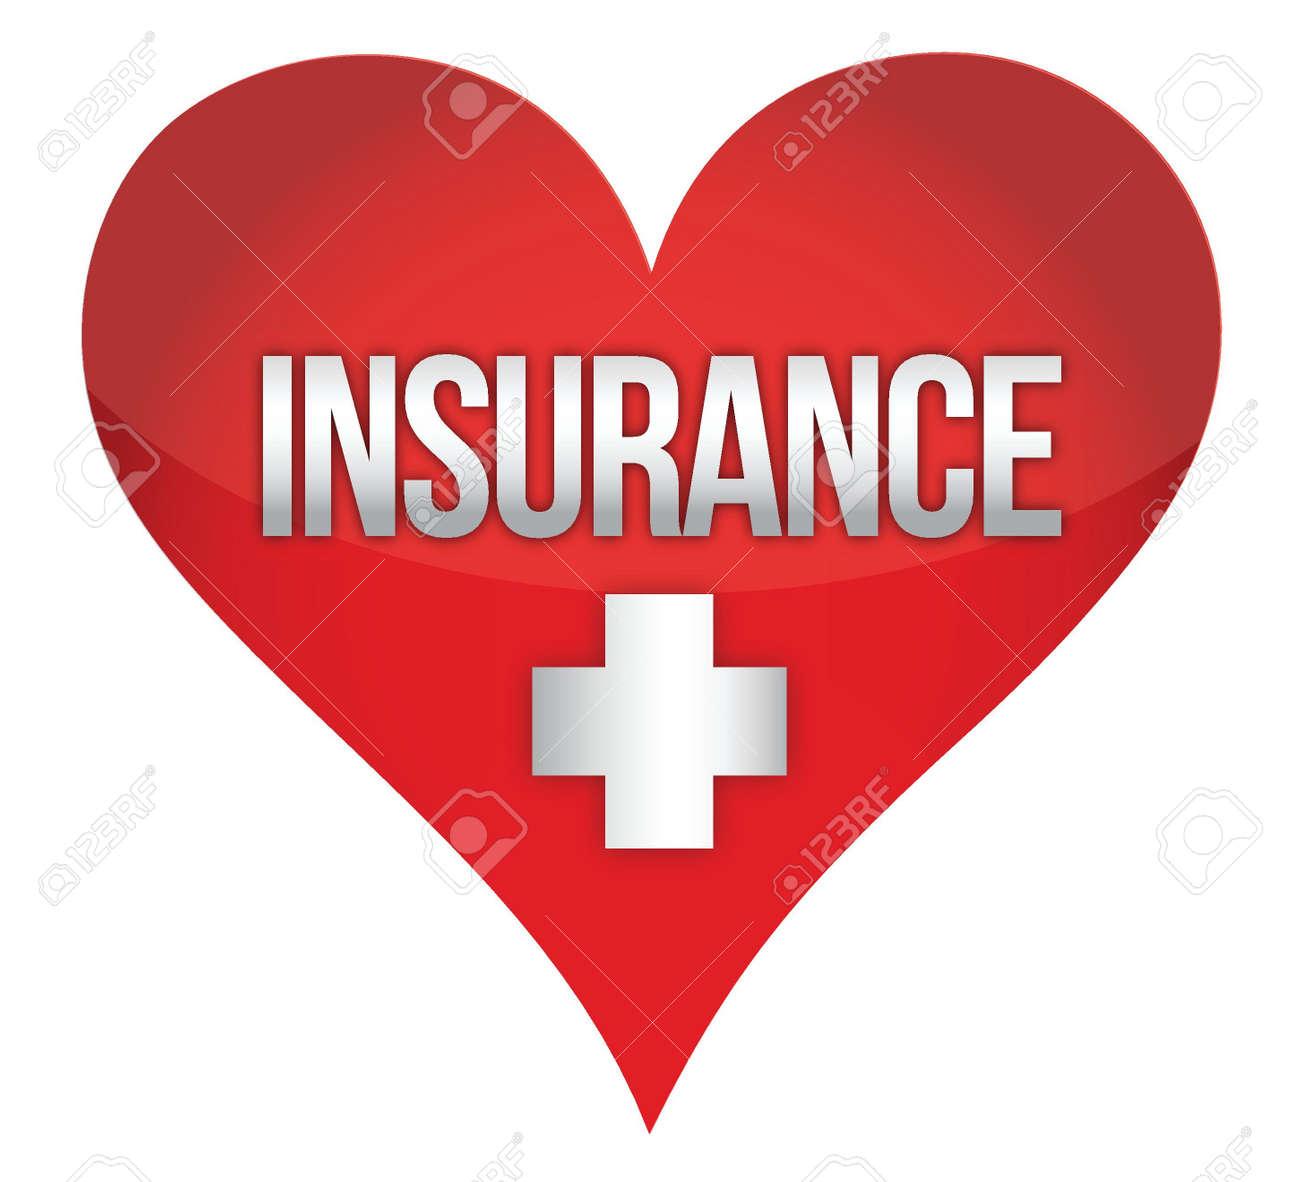 heart insurence illustration design over white background Stock Vector - 15869190